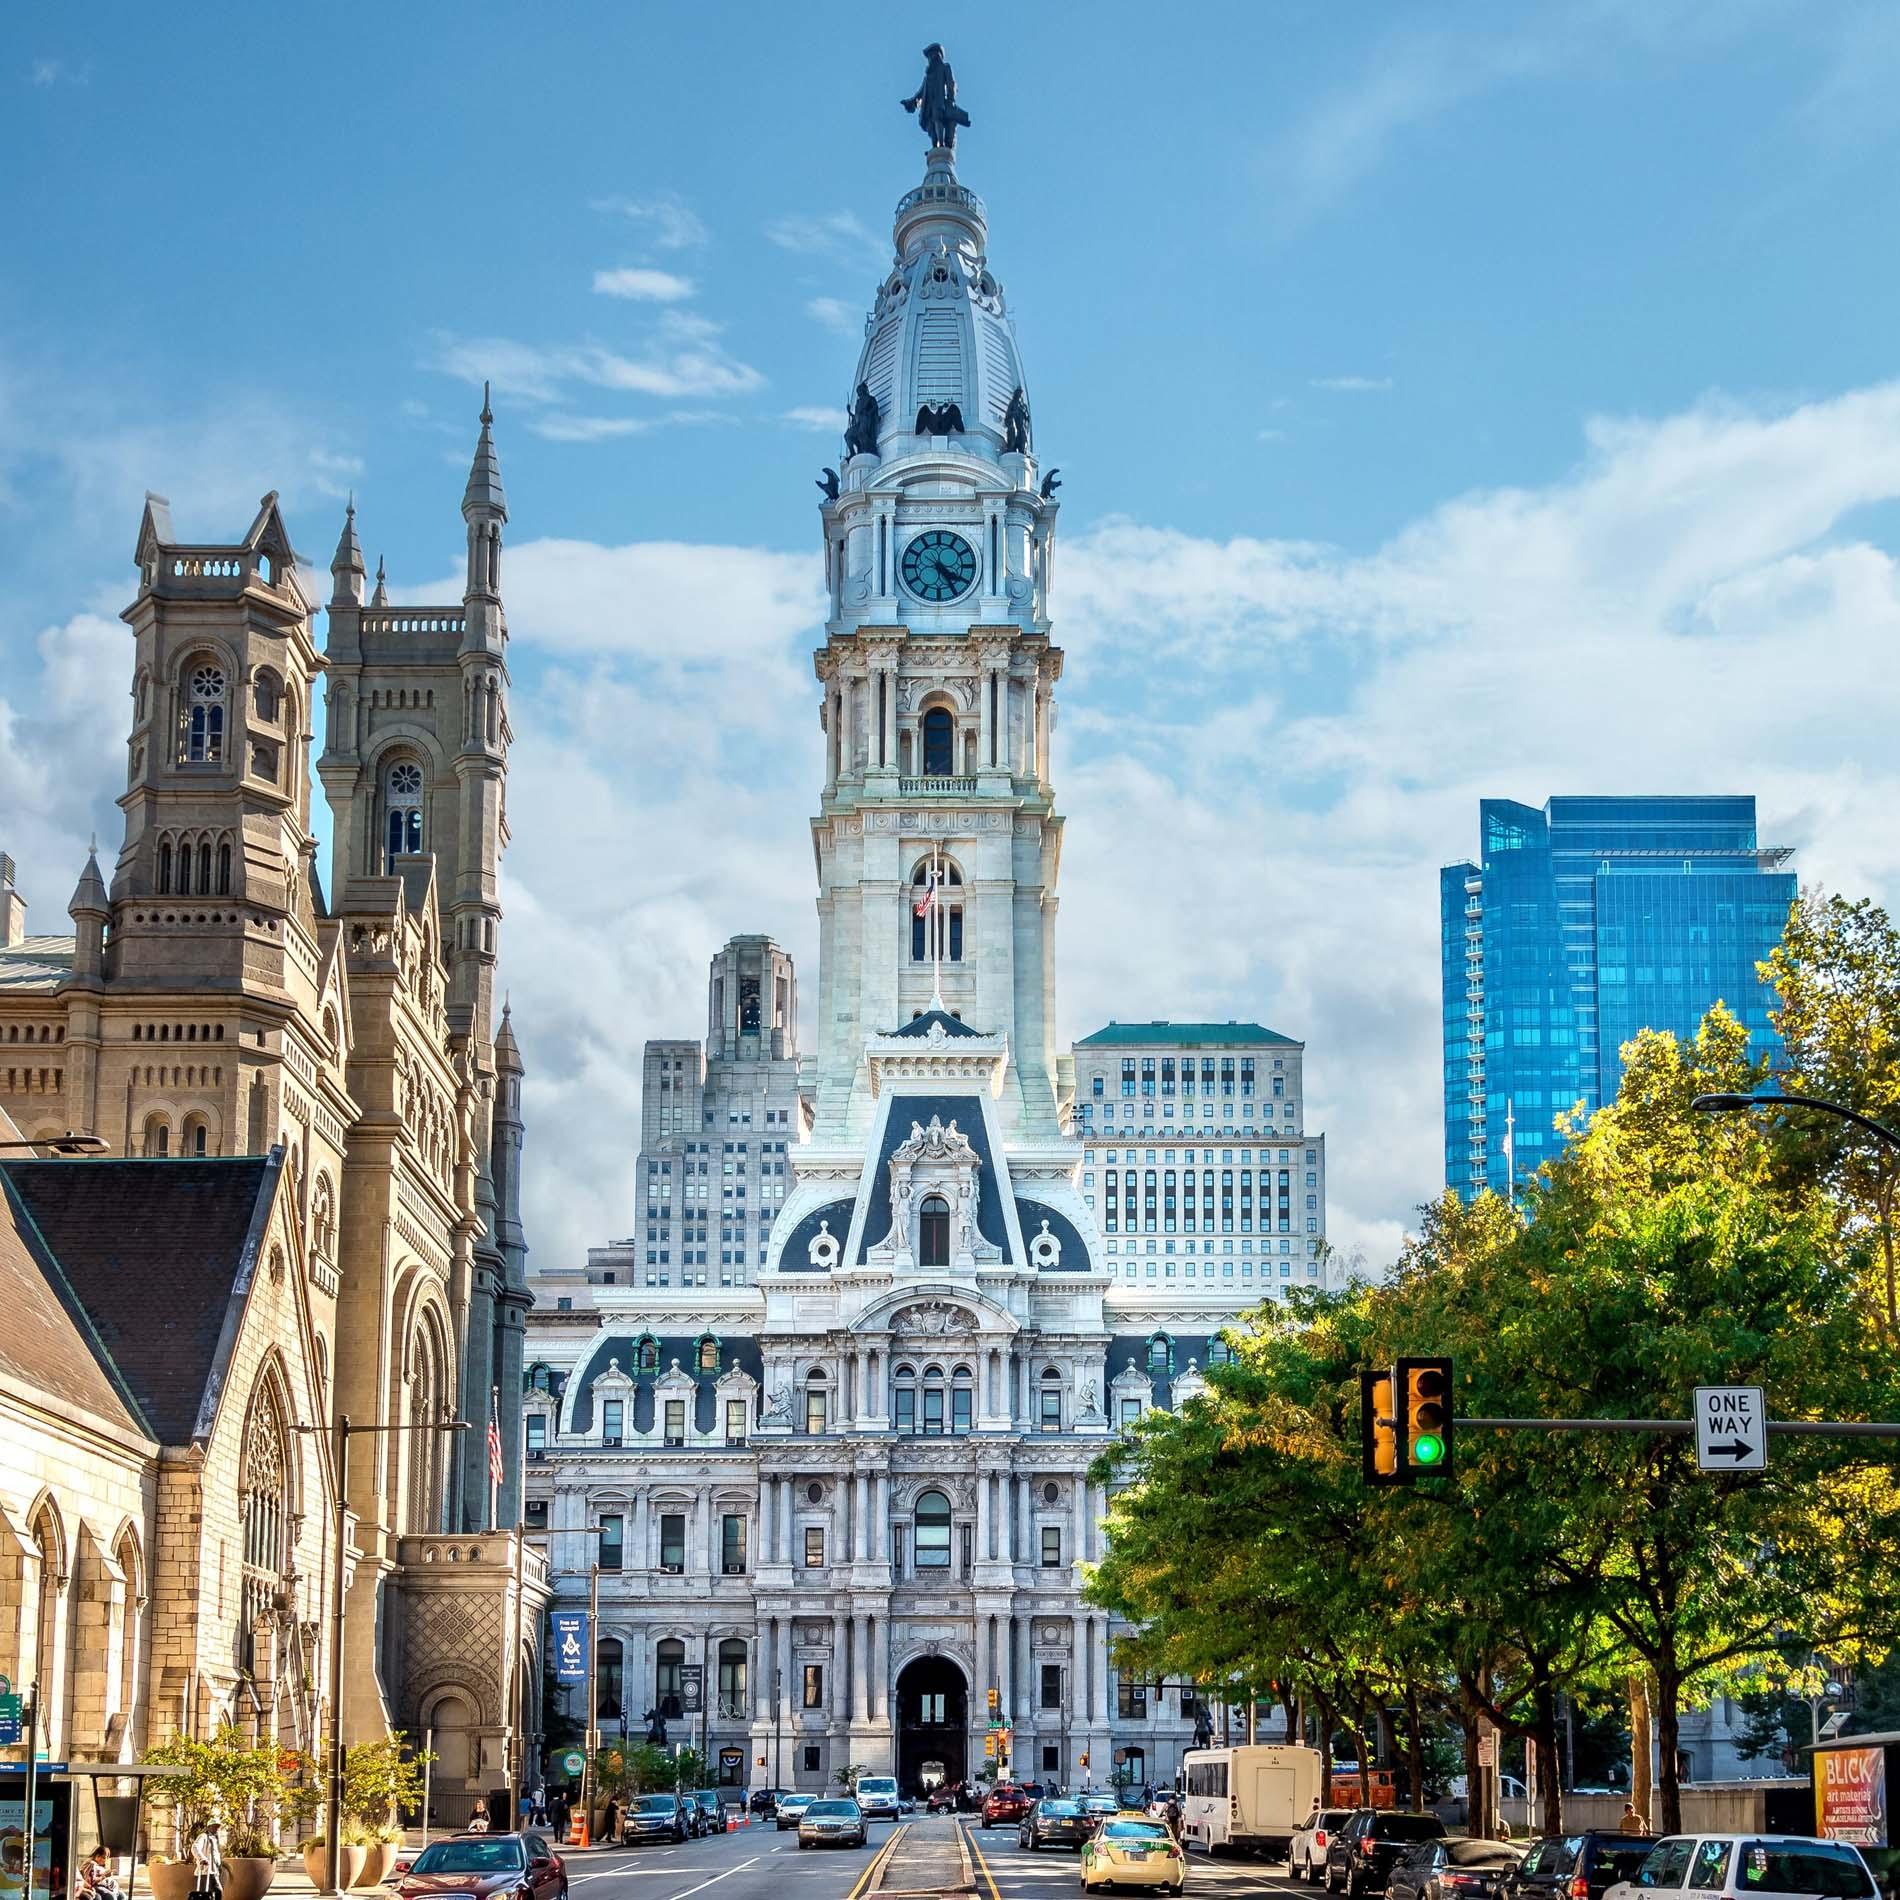 9-Philadelphia-City-Hall-UNSPLASH_1.jpg